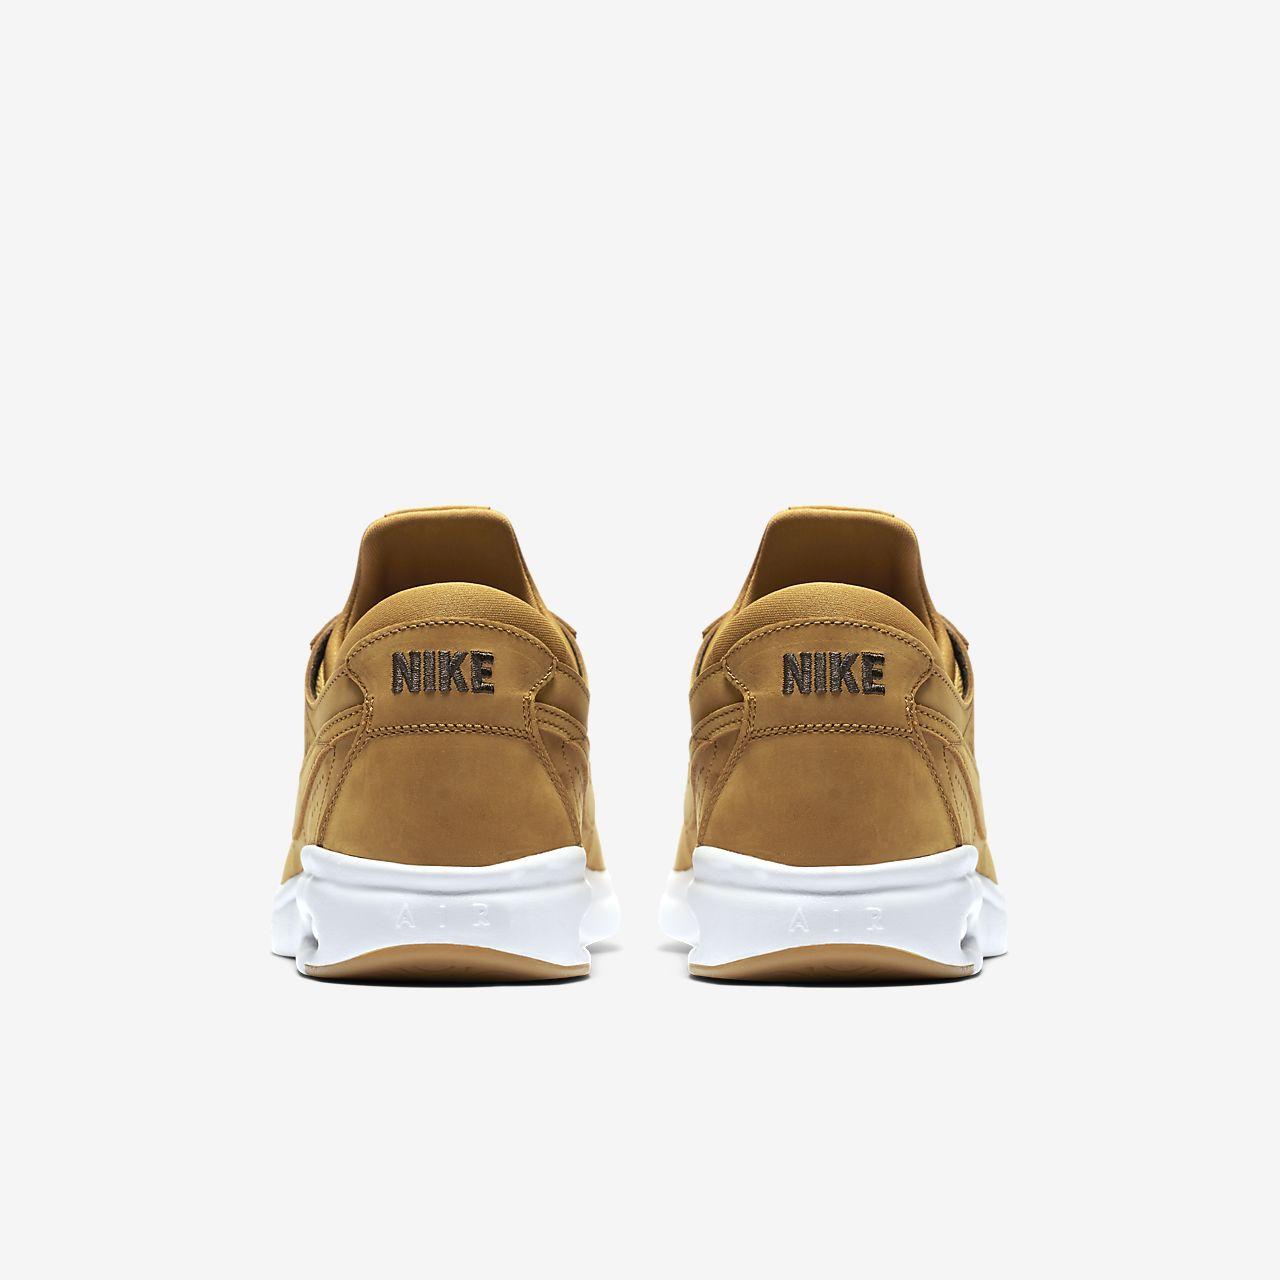 Classique Chaussures Nike Sb Collection Classique 47,5 Pour Les Hommes